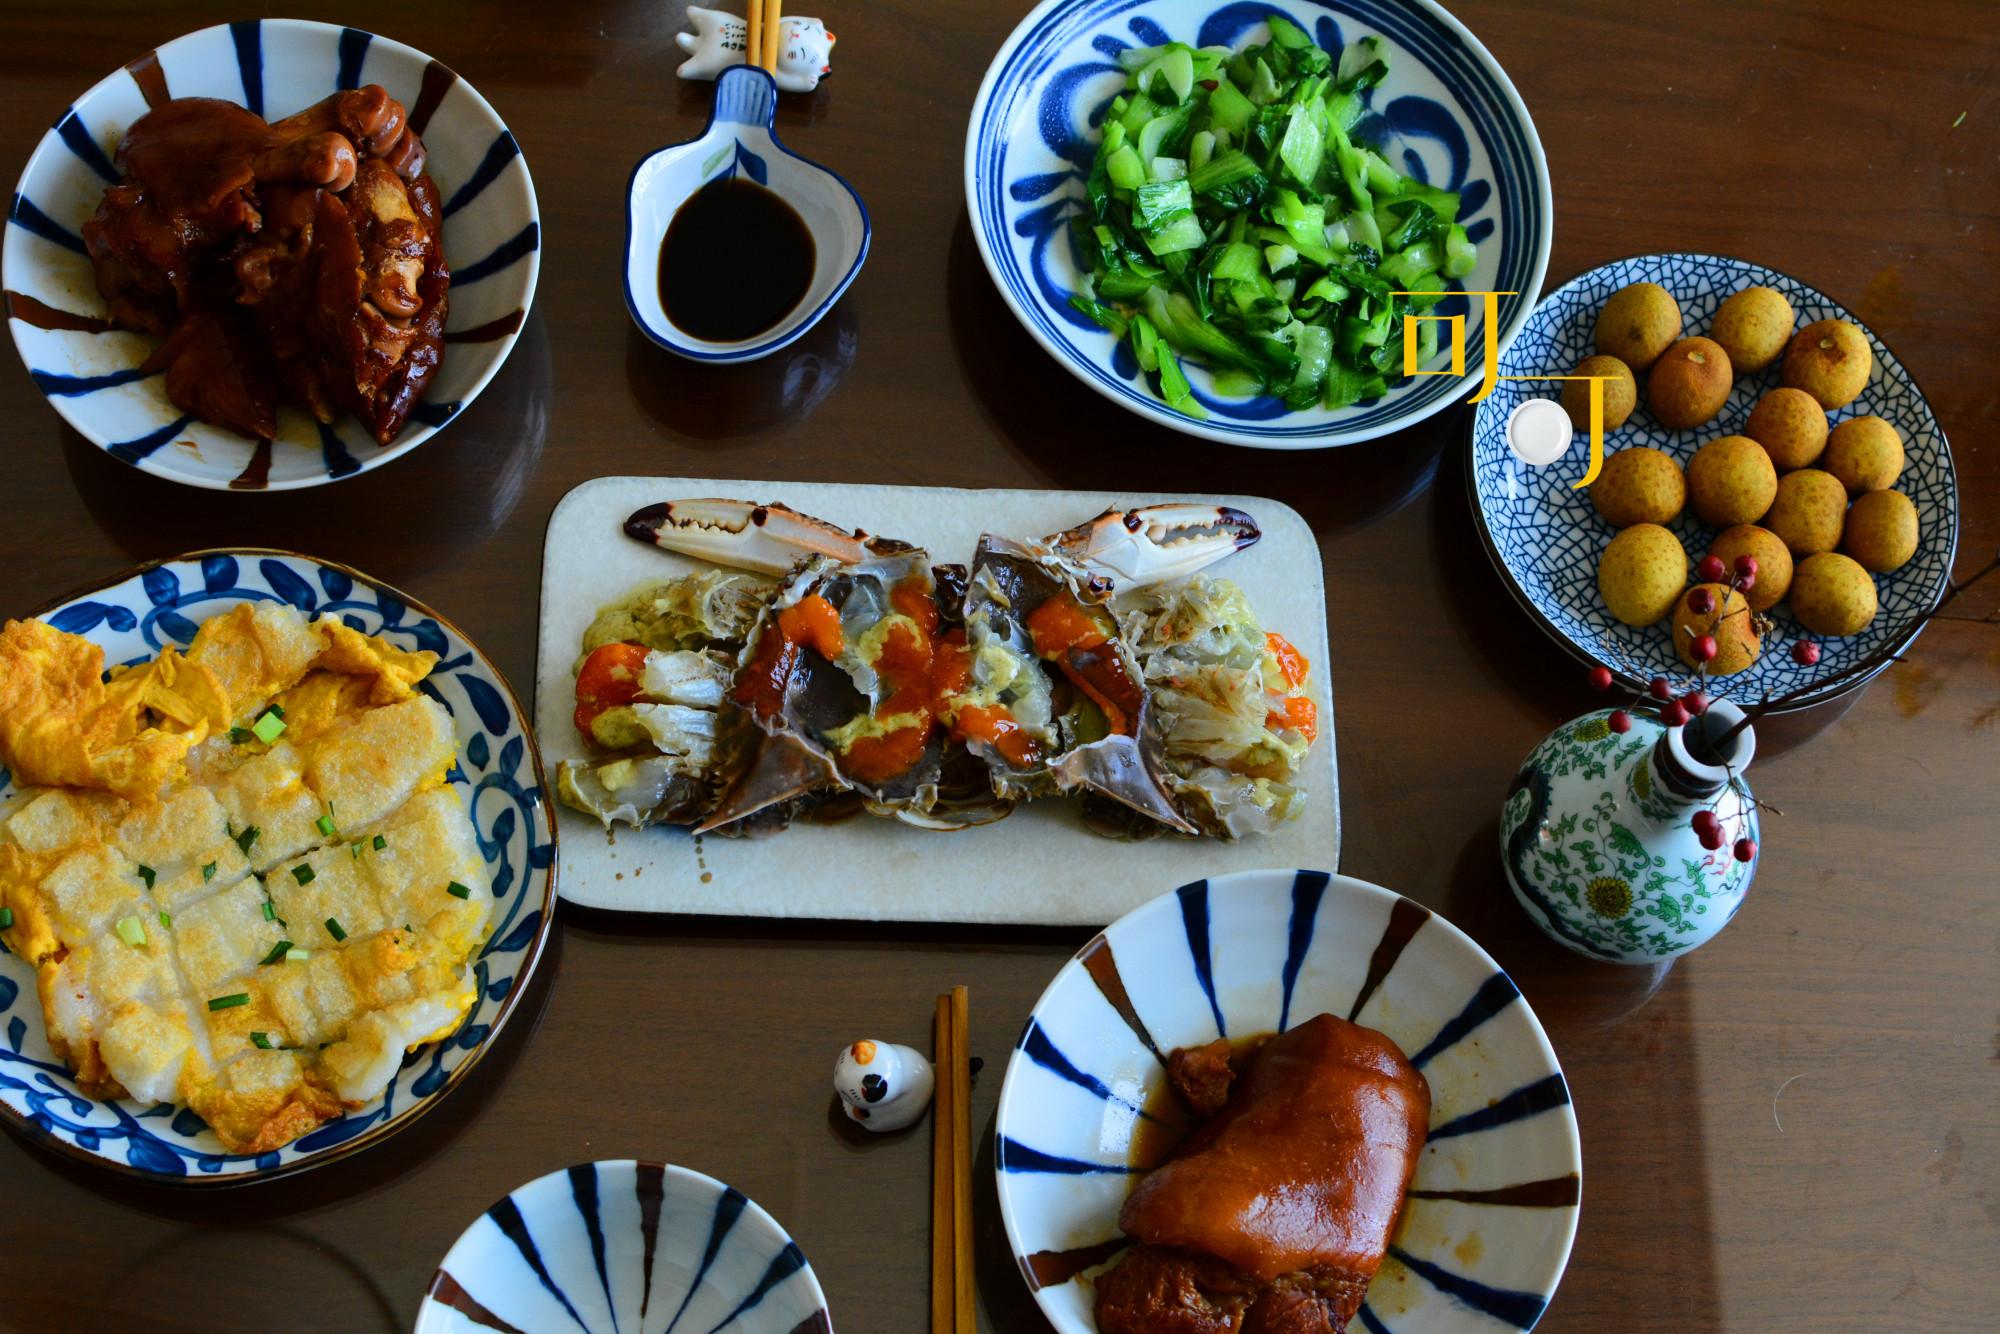 年三十的午饭简单几道菜,味道很好,晚上和公公婆婆一起吃年夜饭